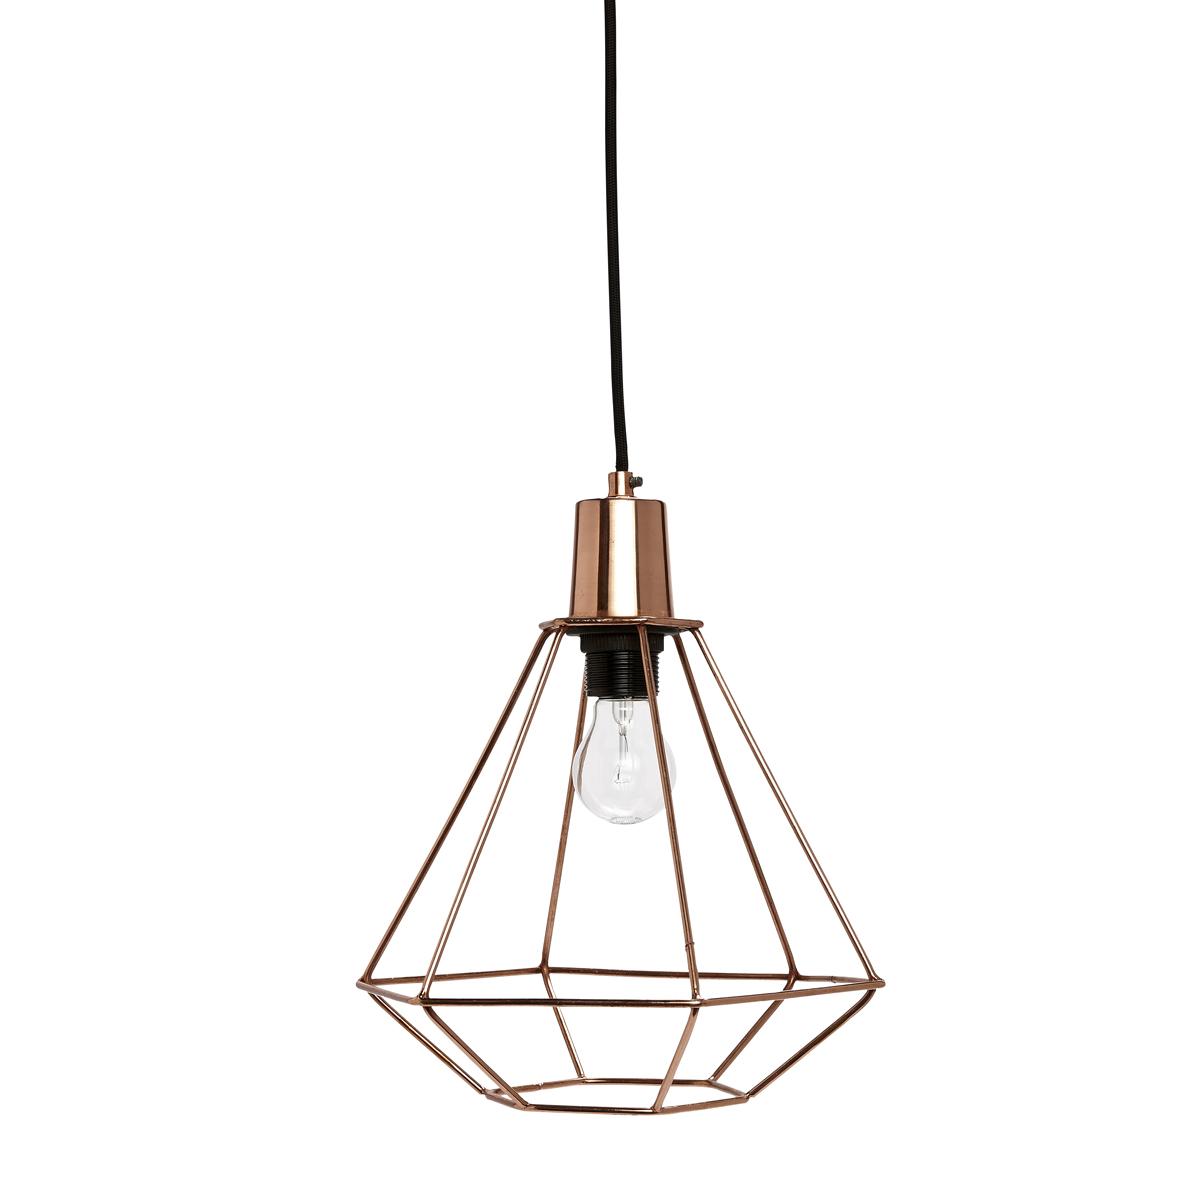 Светильник DIAMANTПодвесные светильники<br>Легкий, модный светильник из медной сетки. Особенно хорошо смотрится в группе. Сборка не требуется<br><br>Material: Металл<br>Высота см: 35